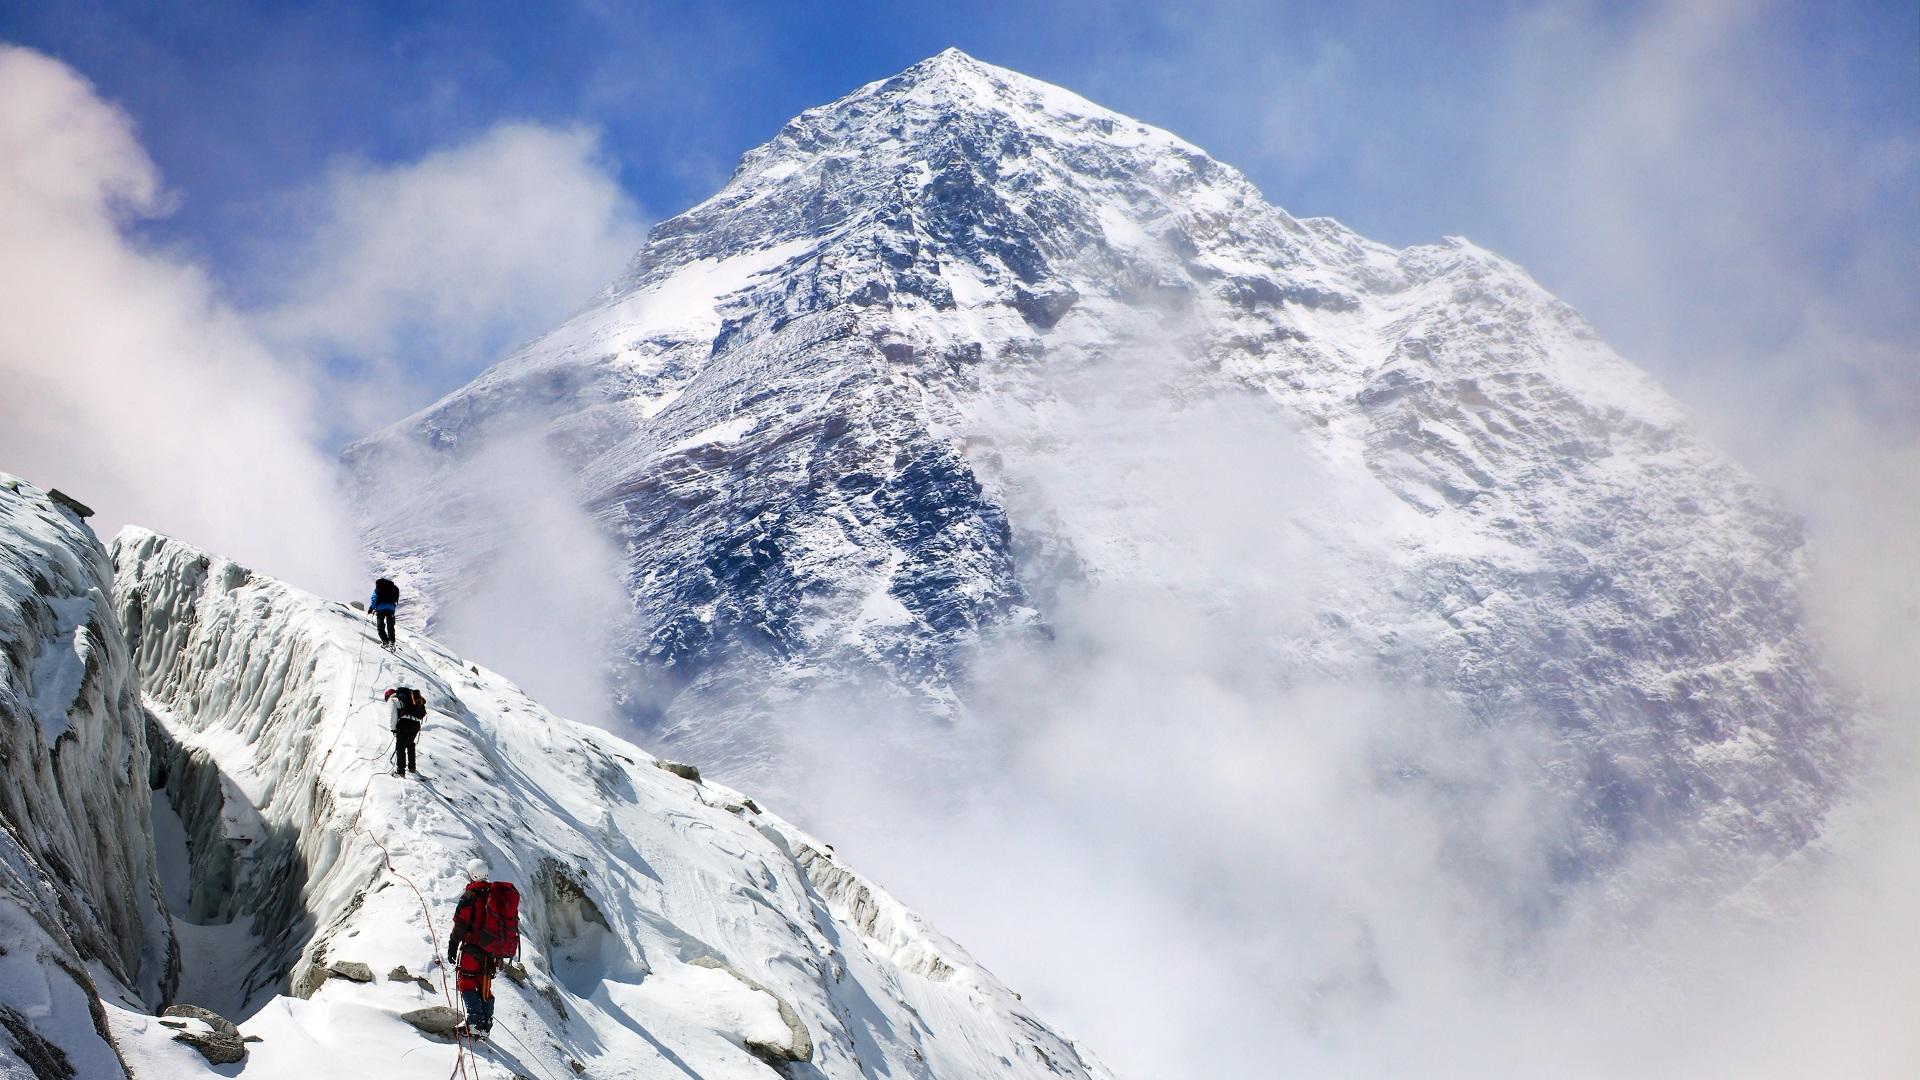 <p><strong>Хималаите с Еверест е най-високата планина на Земята</strong></p>  <p>Най-високата планина всъщност е Мауна Кеа на Хаваите, която е с височина 10 210 метра от основата до върха. Еверест е висок 8849 метра. Причината за това объркване е, защото основата на Мауна Кеа се намира в Тихия океан, така че технически връх Еверест е най-високата планина над морското равнище, но не и най-високата на Земята.</p>